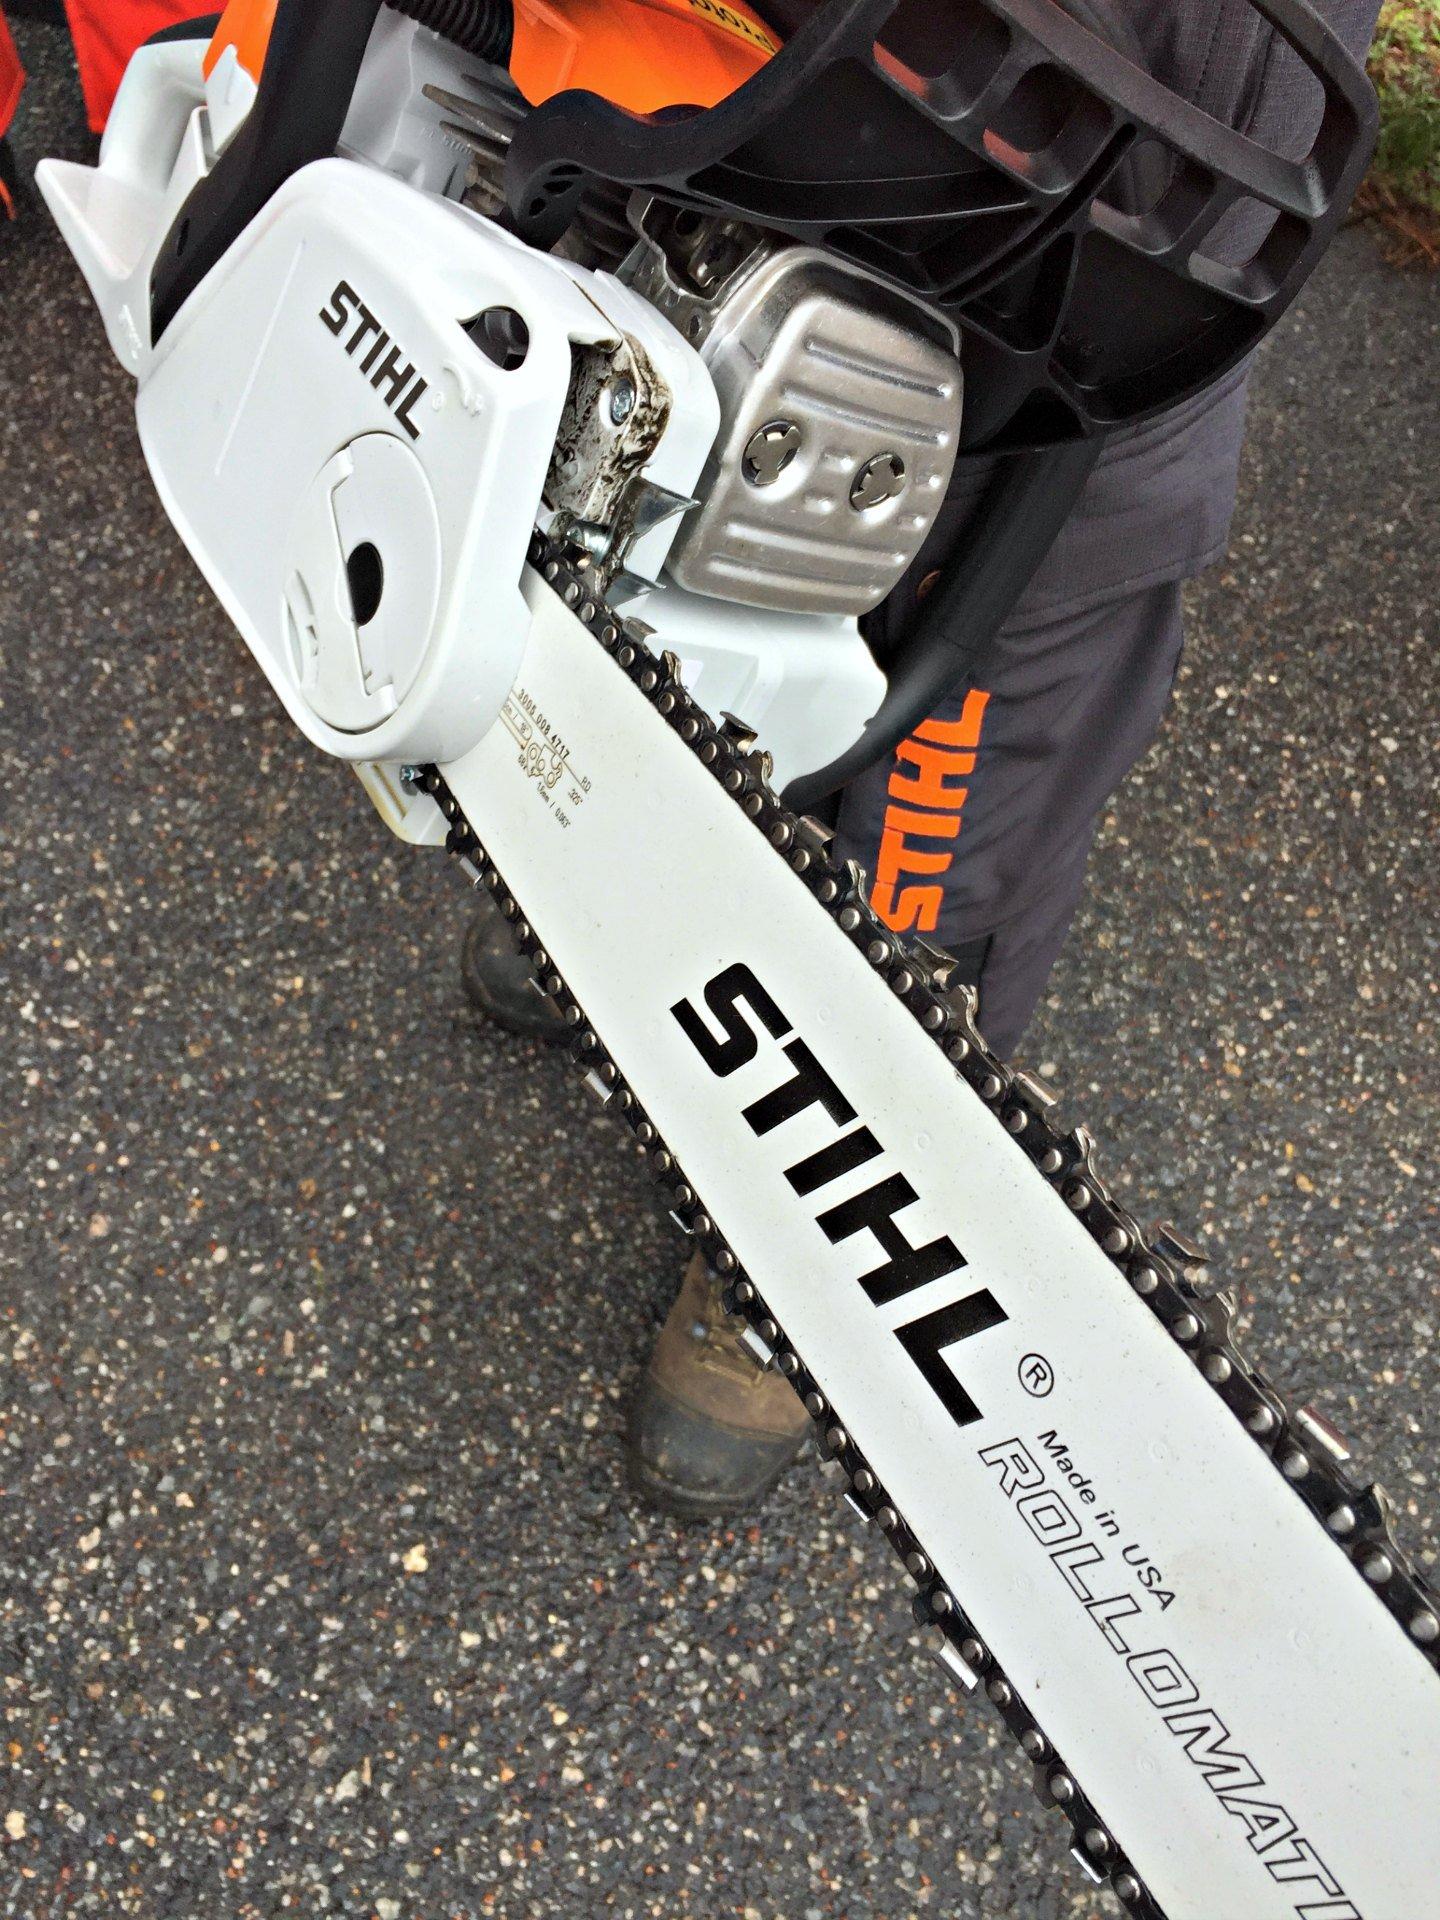 STIHL chainsaw awesomeness